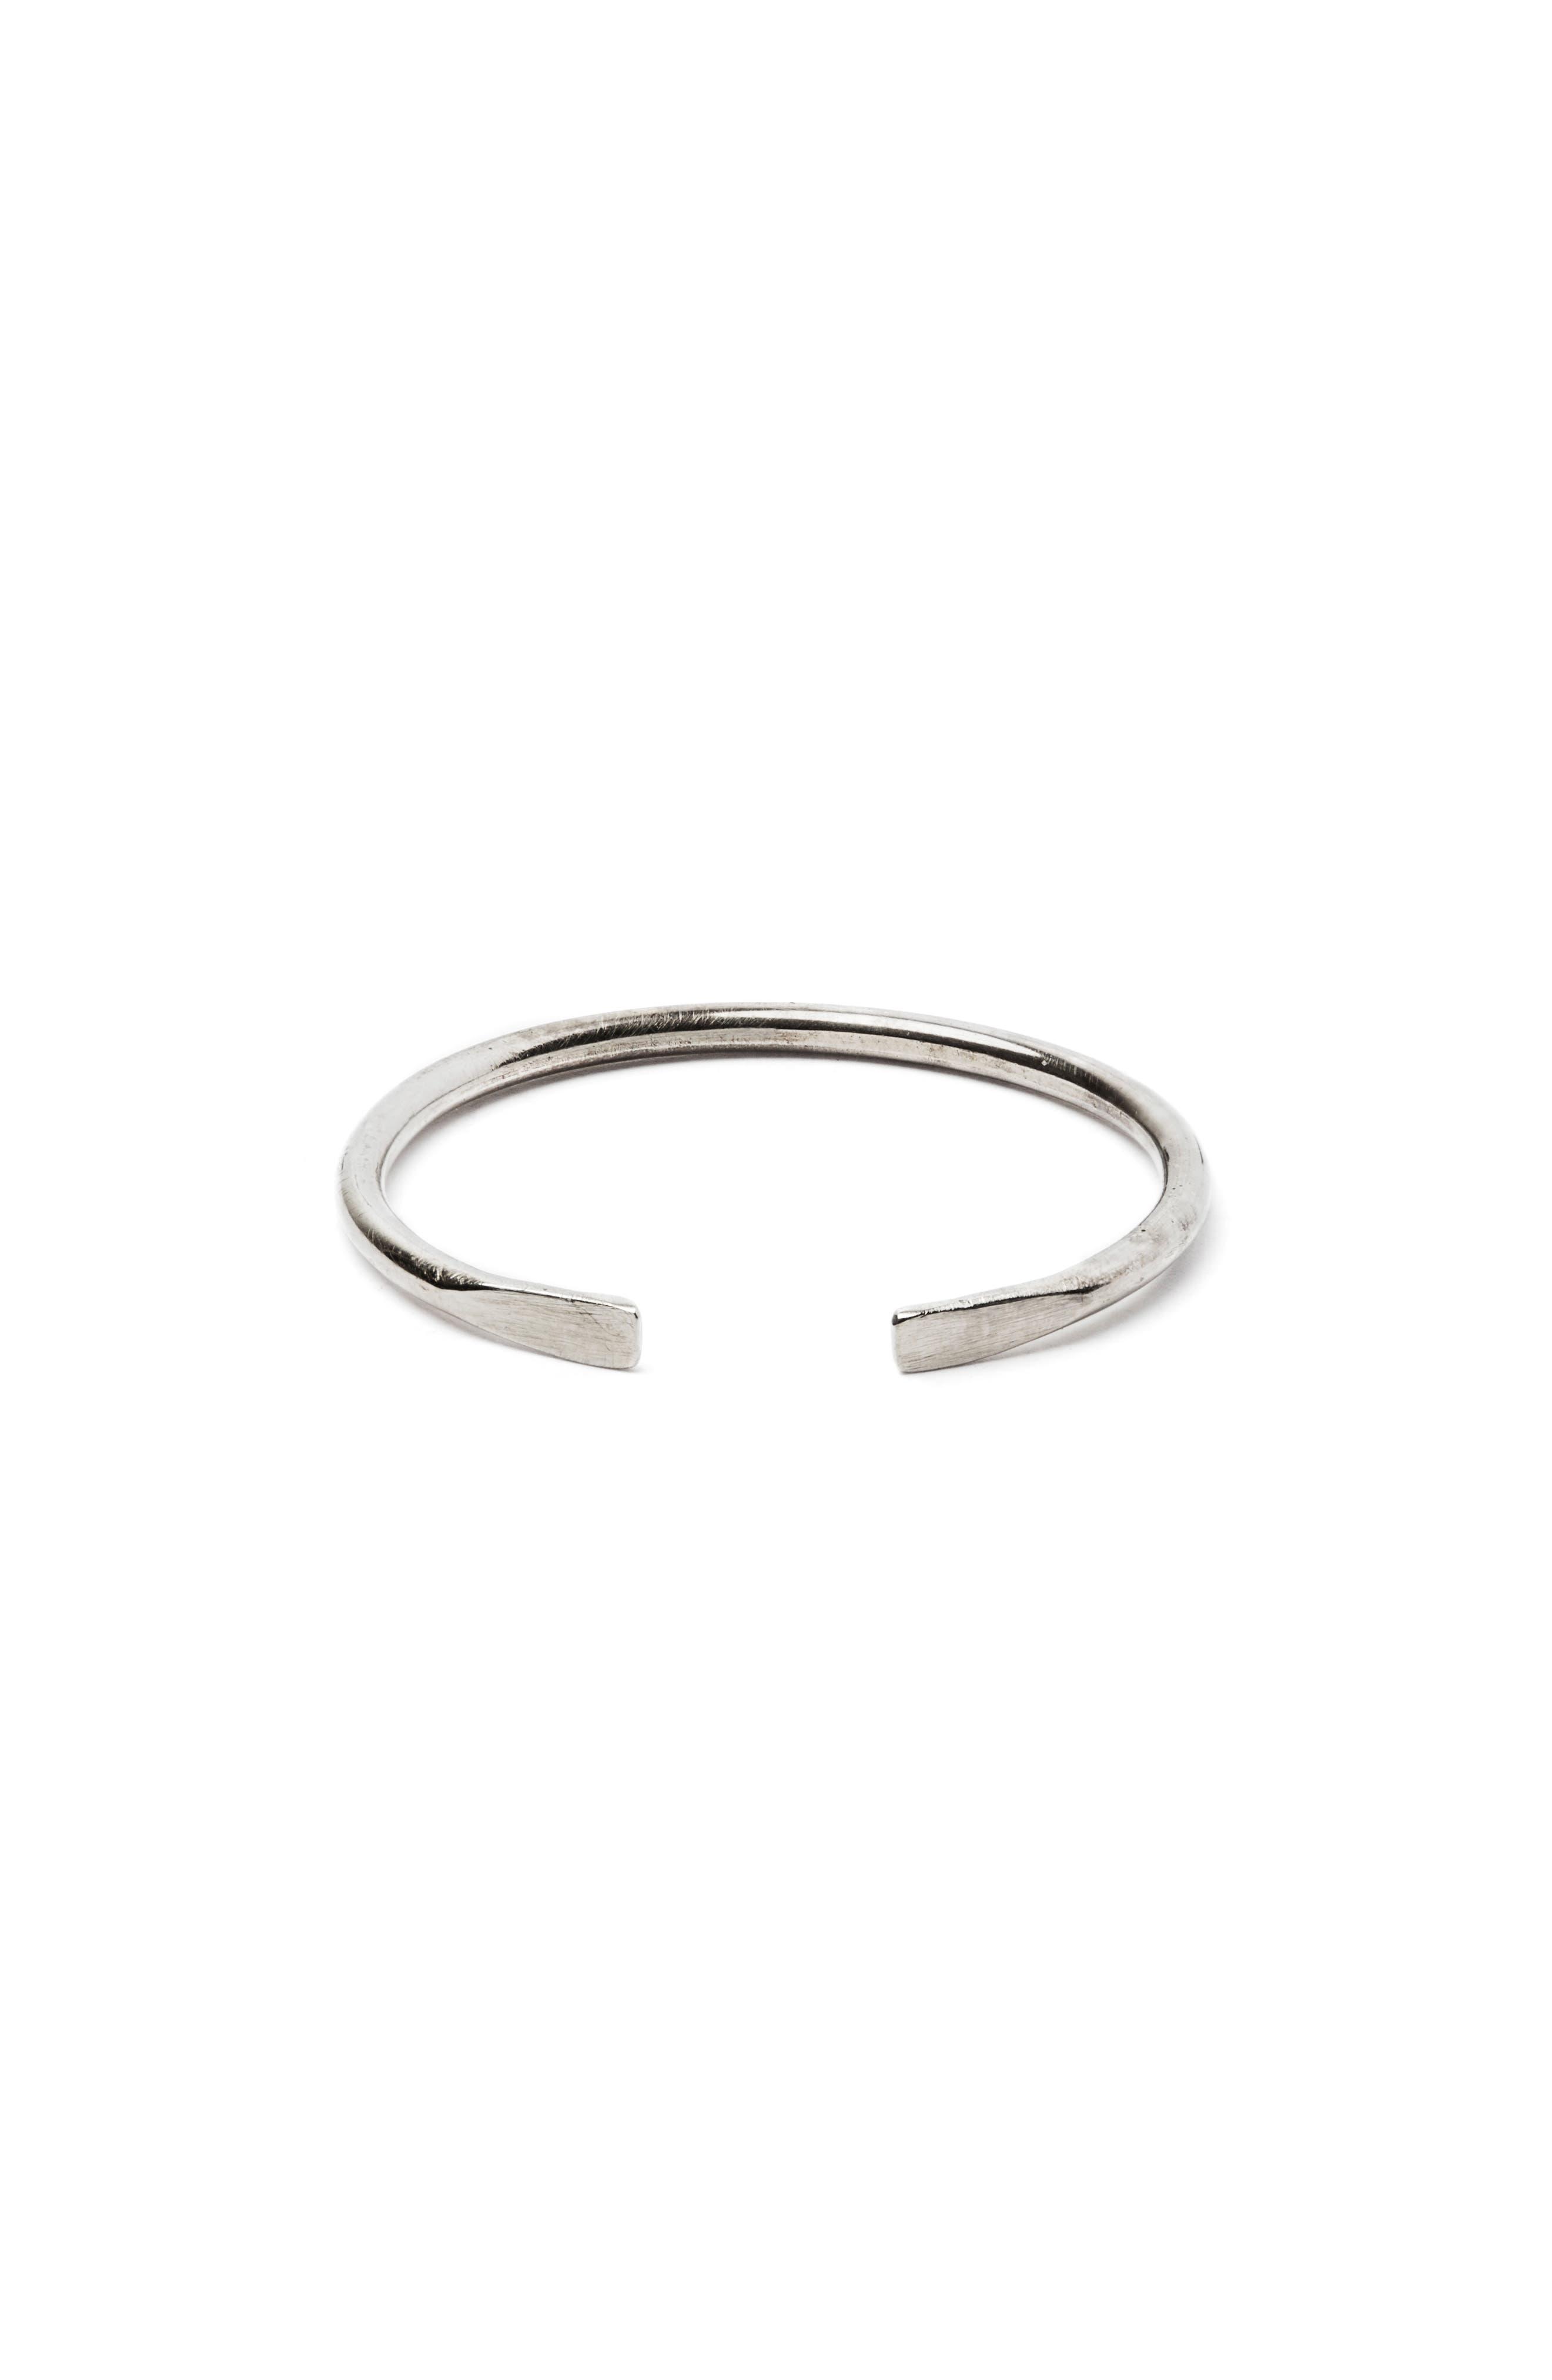 18k White Gold Ring,                         Main,                         color, White